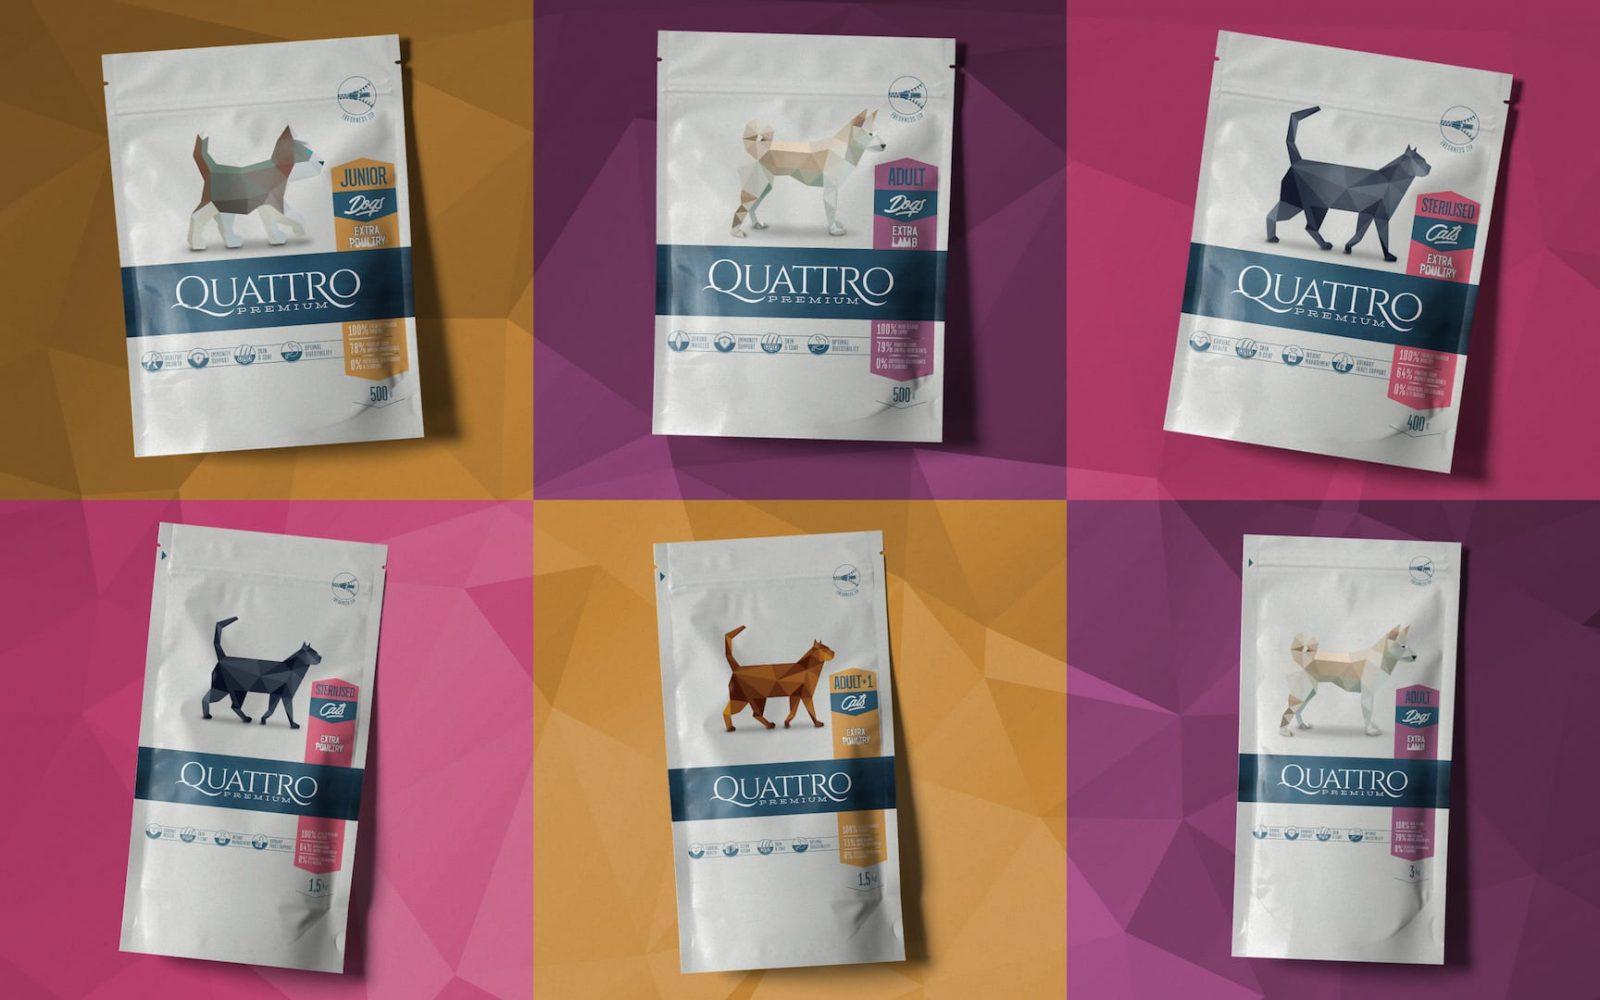 Quattro Pet Packaging Design